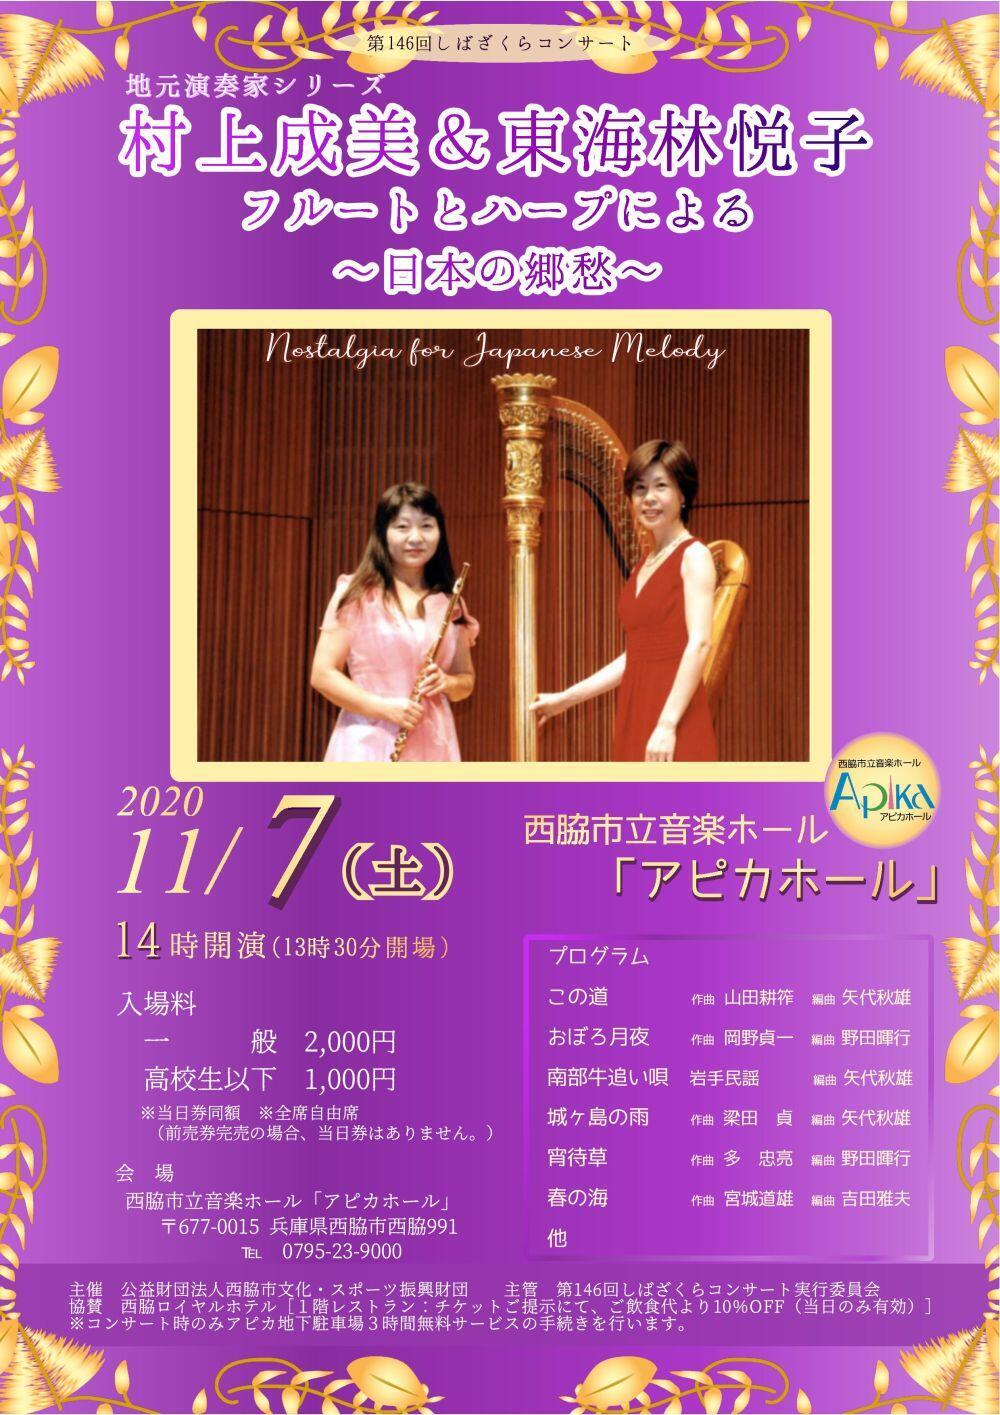 11/7 村上成美&東海林悦子フルートとハーブによる~日本の郷愁~アピカホール: